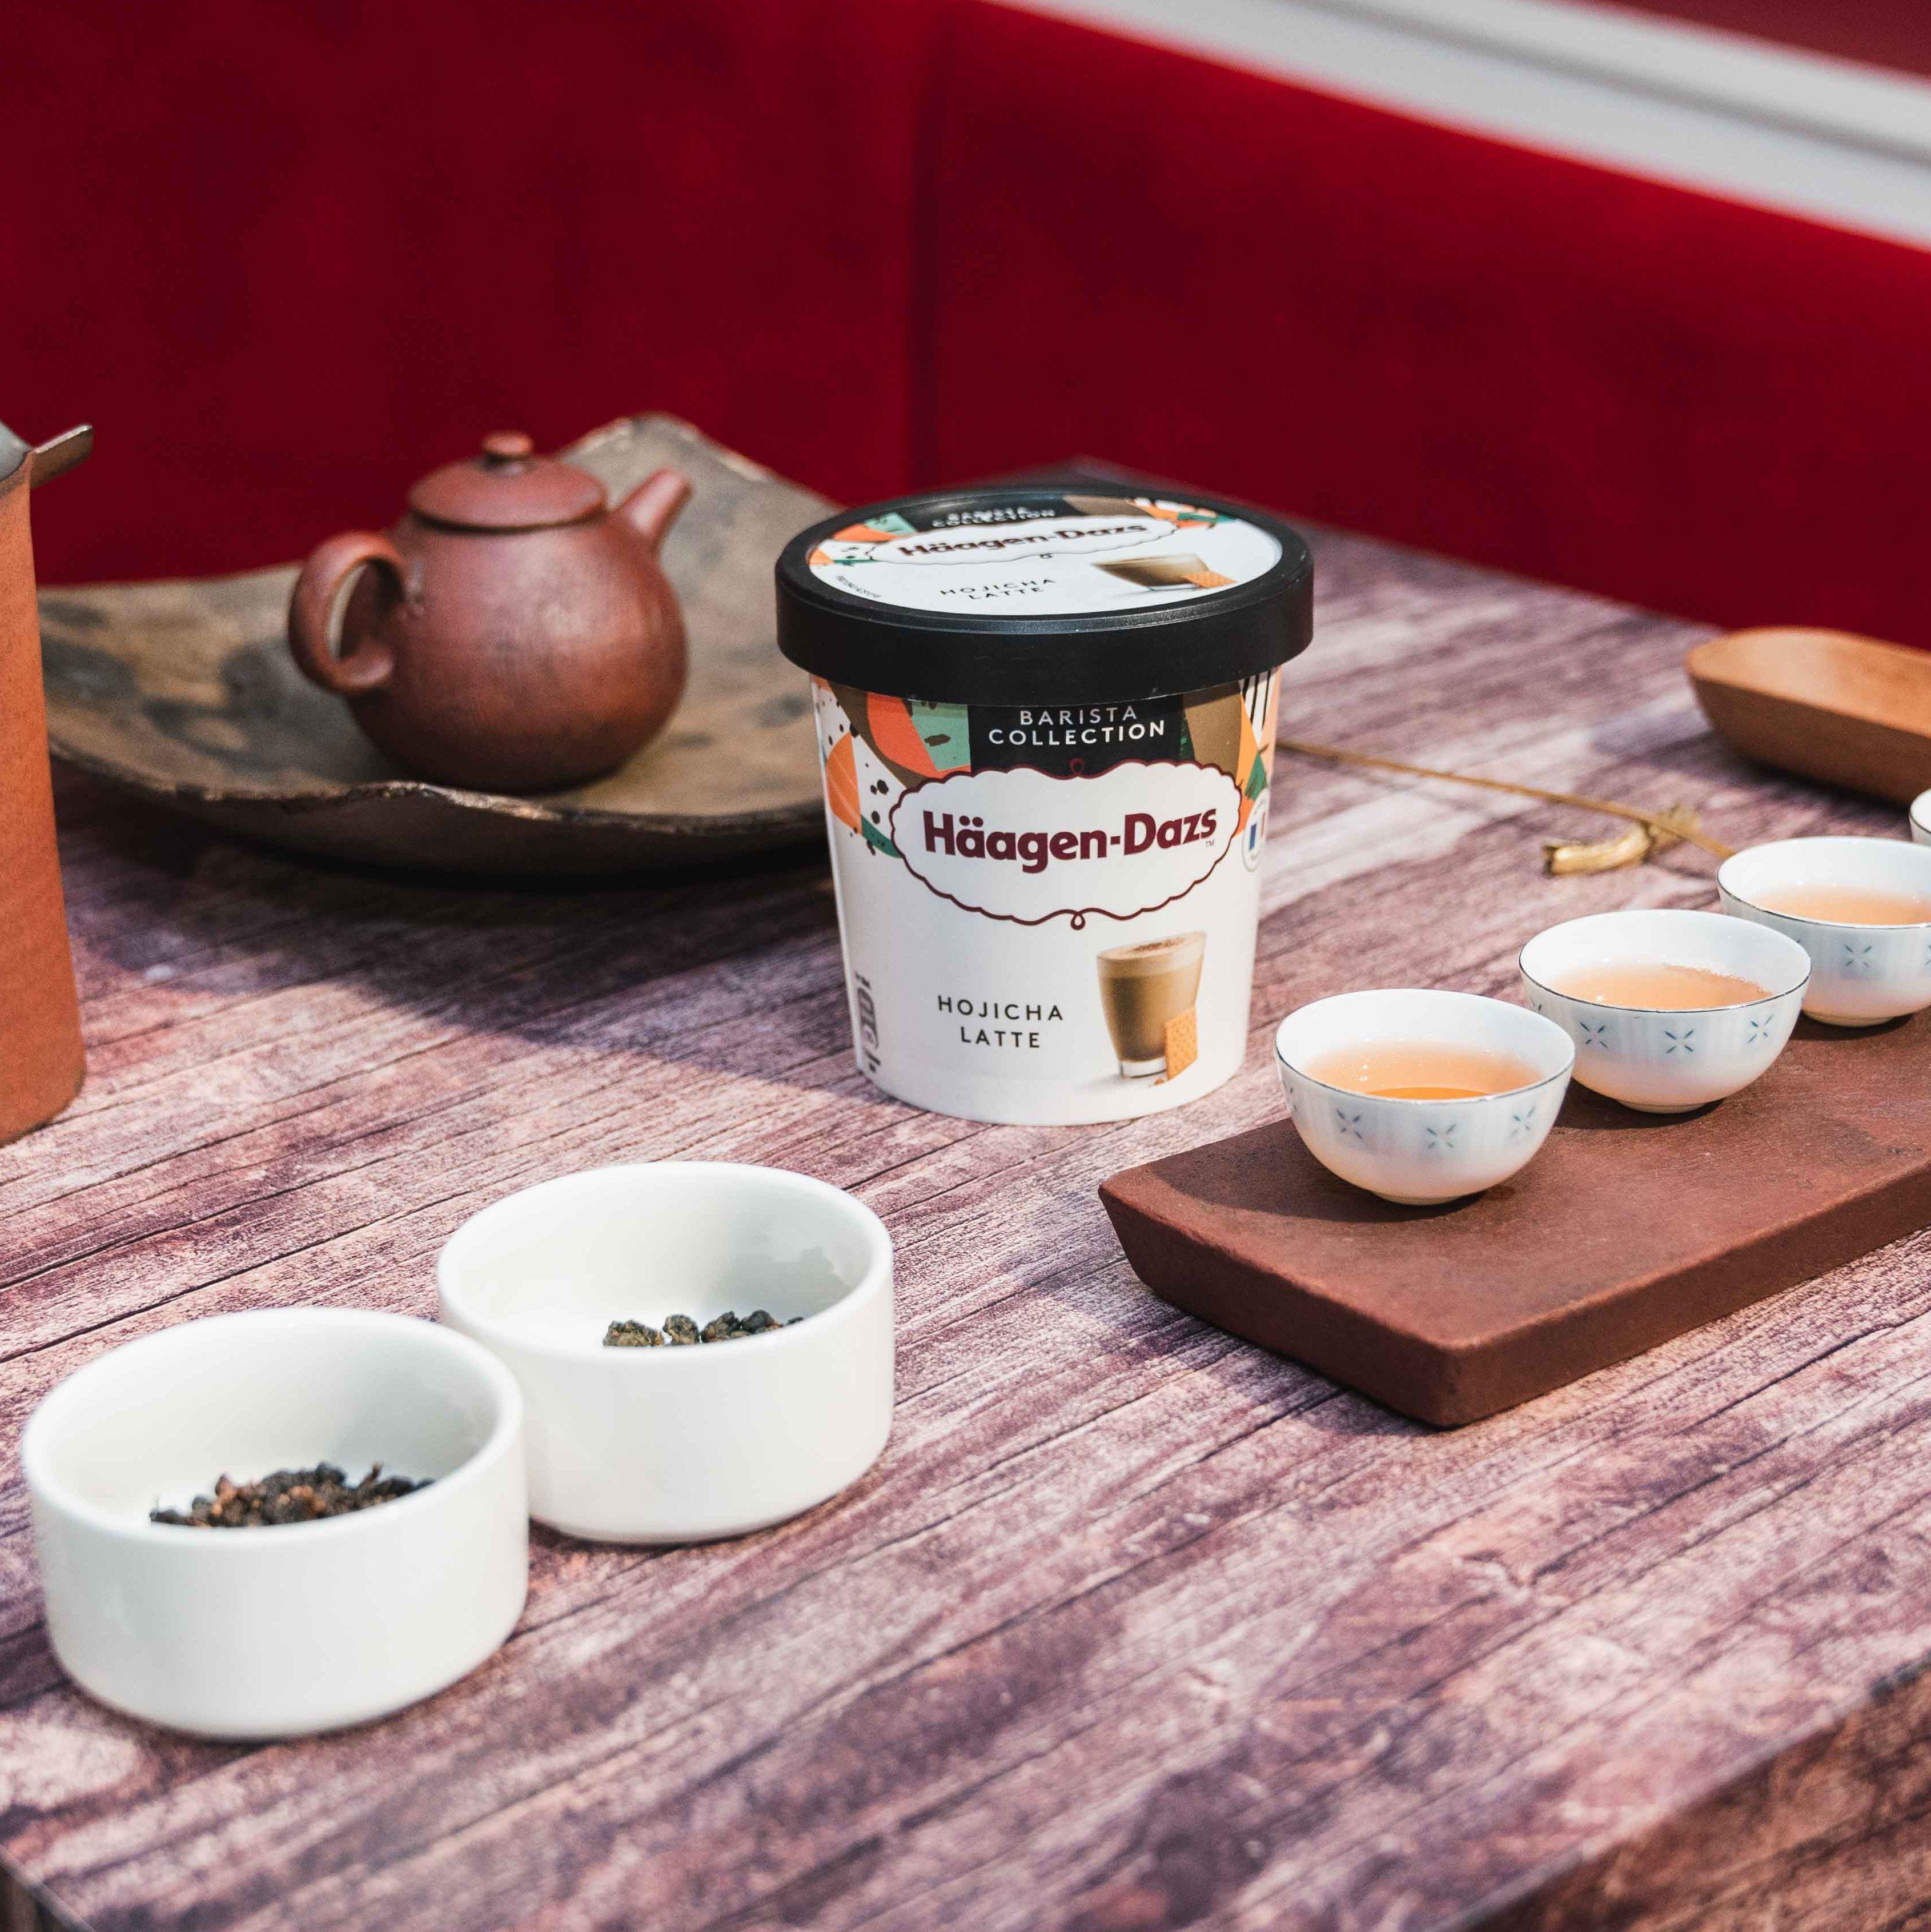 品味大人限定的成熟濃厚!Häagen-Dazs 職人嚴選系列「義式布朗尼瑪奇朵」、「日式焙茶拿鐵」全新上市